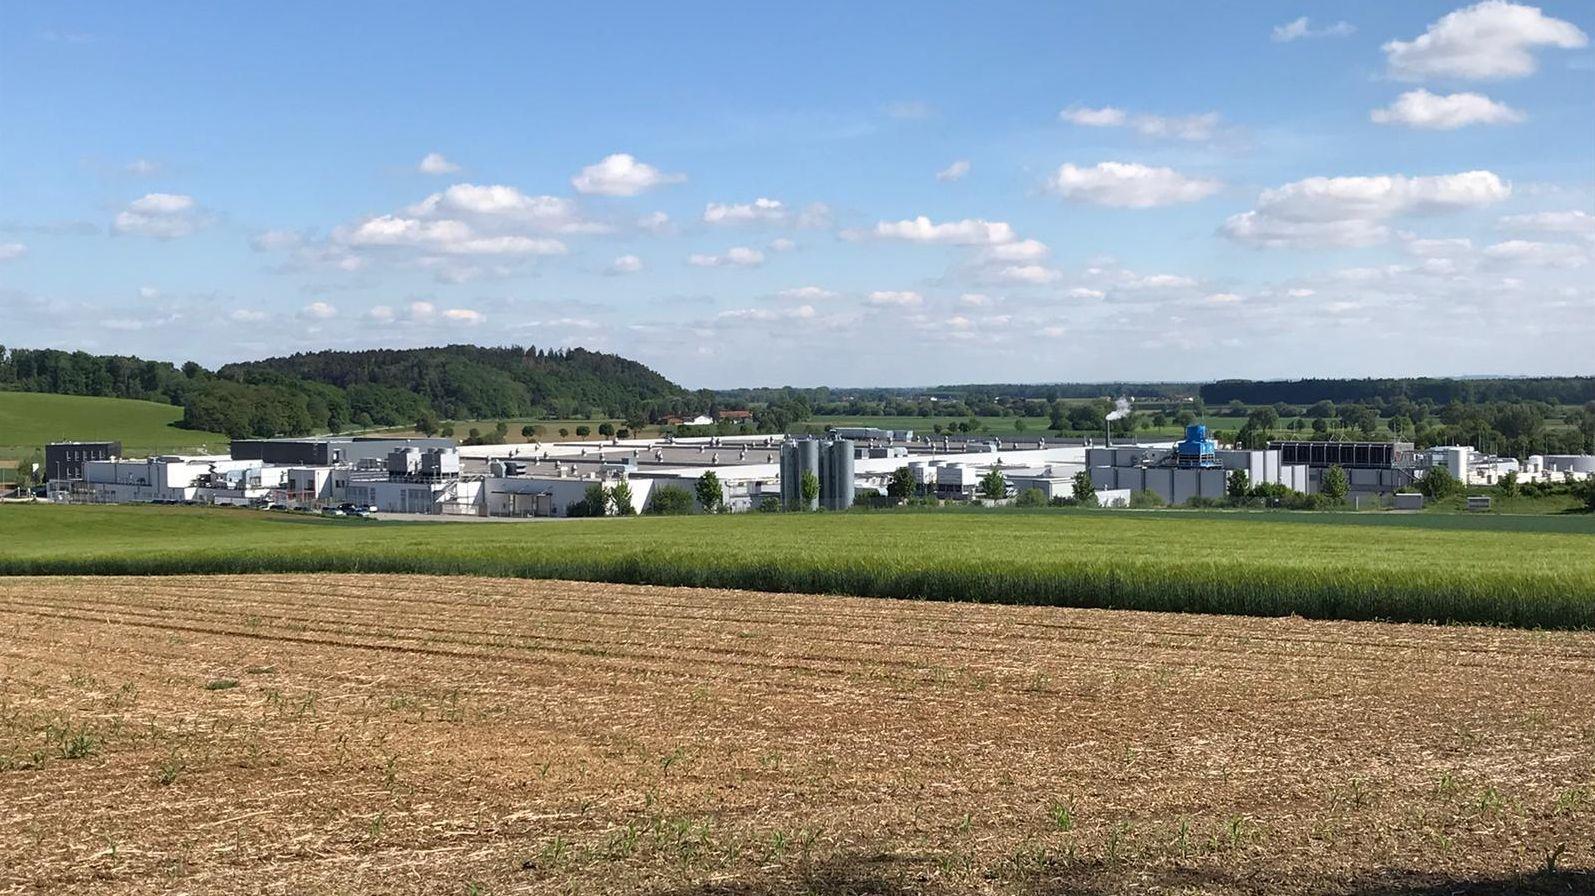 Der betroffene Schlachthof im Kreis Straubing-Bogen